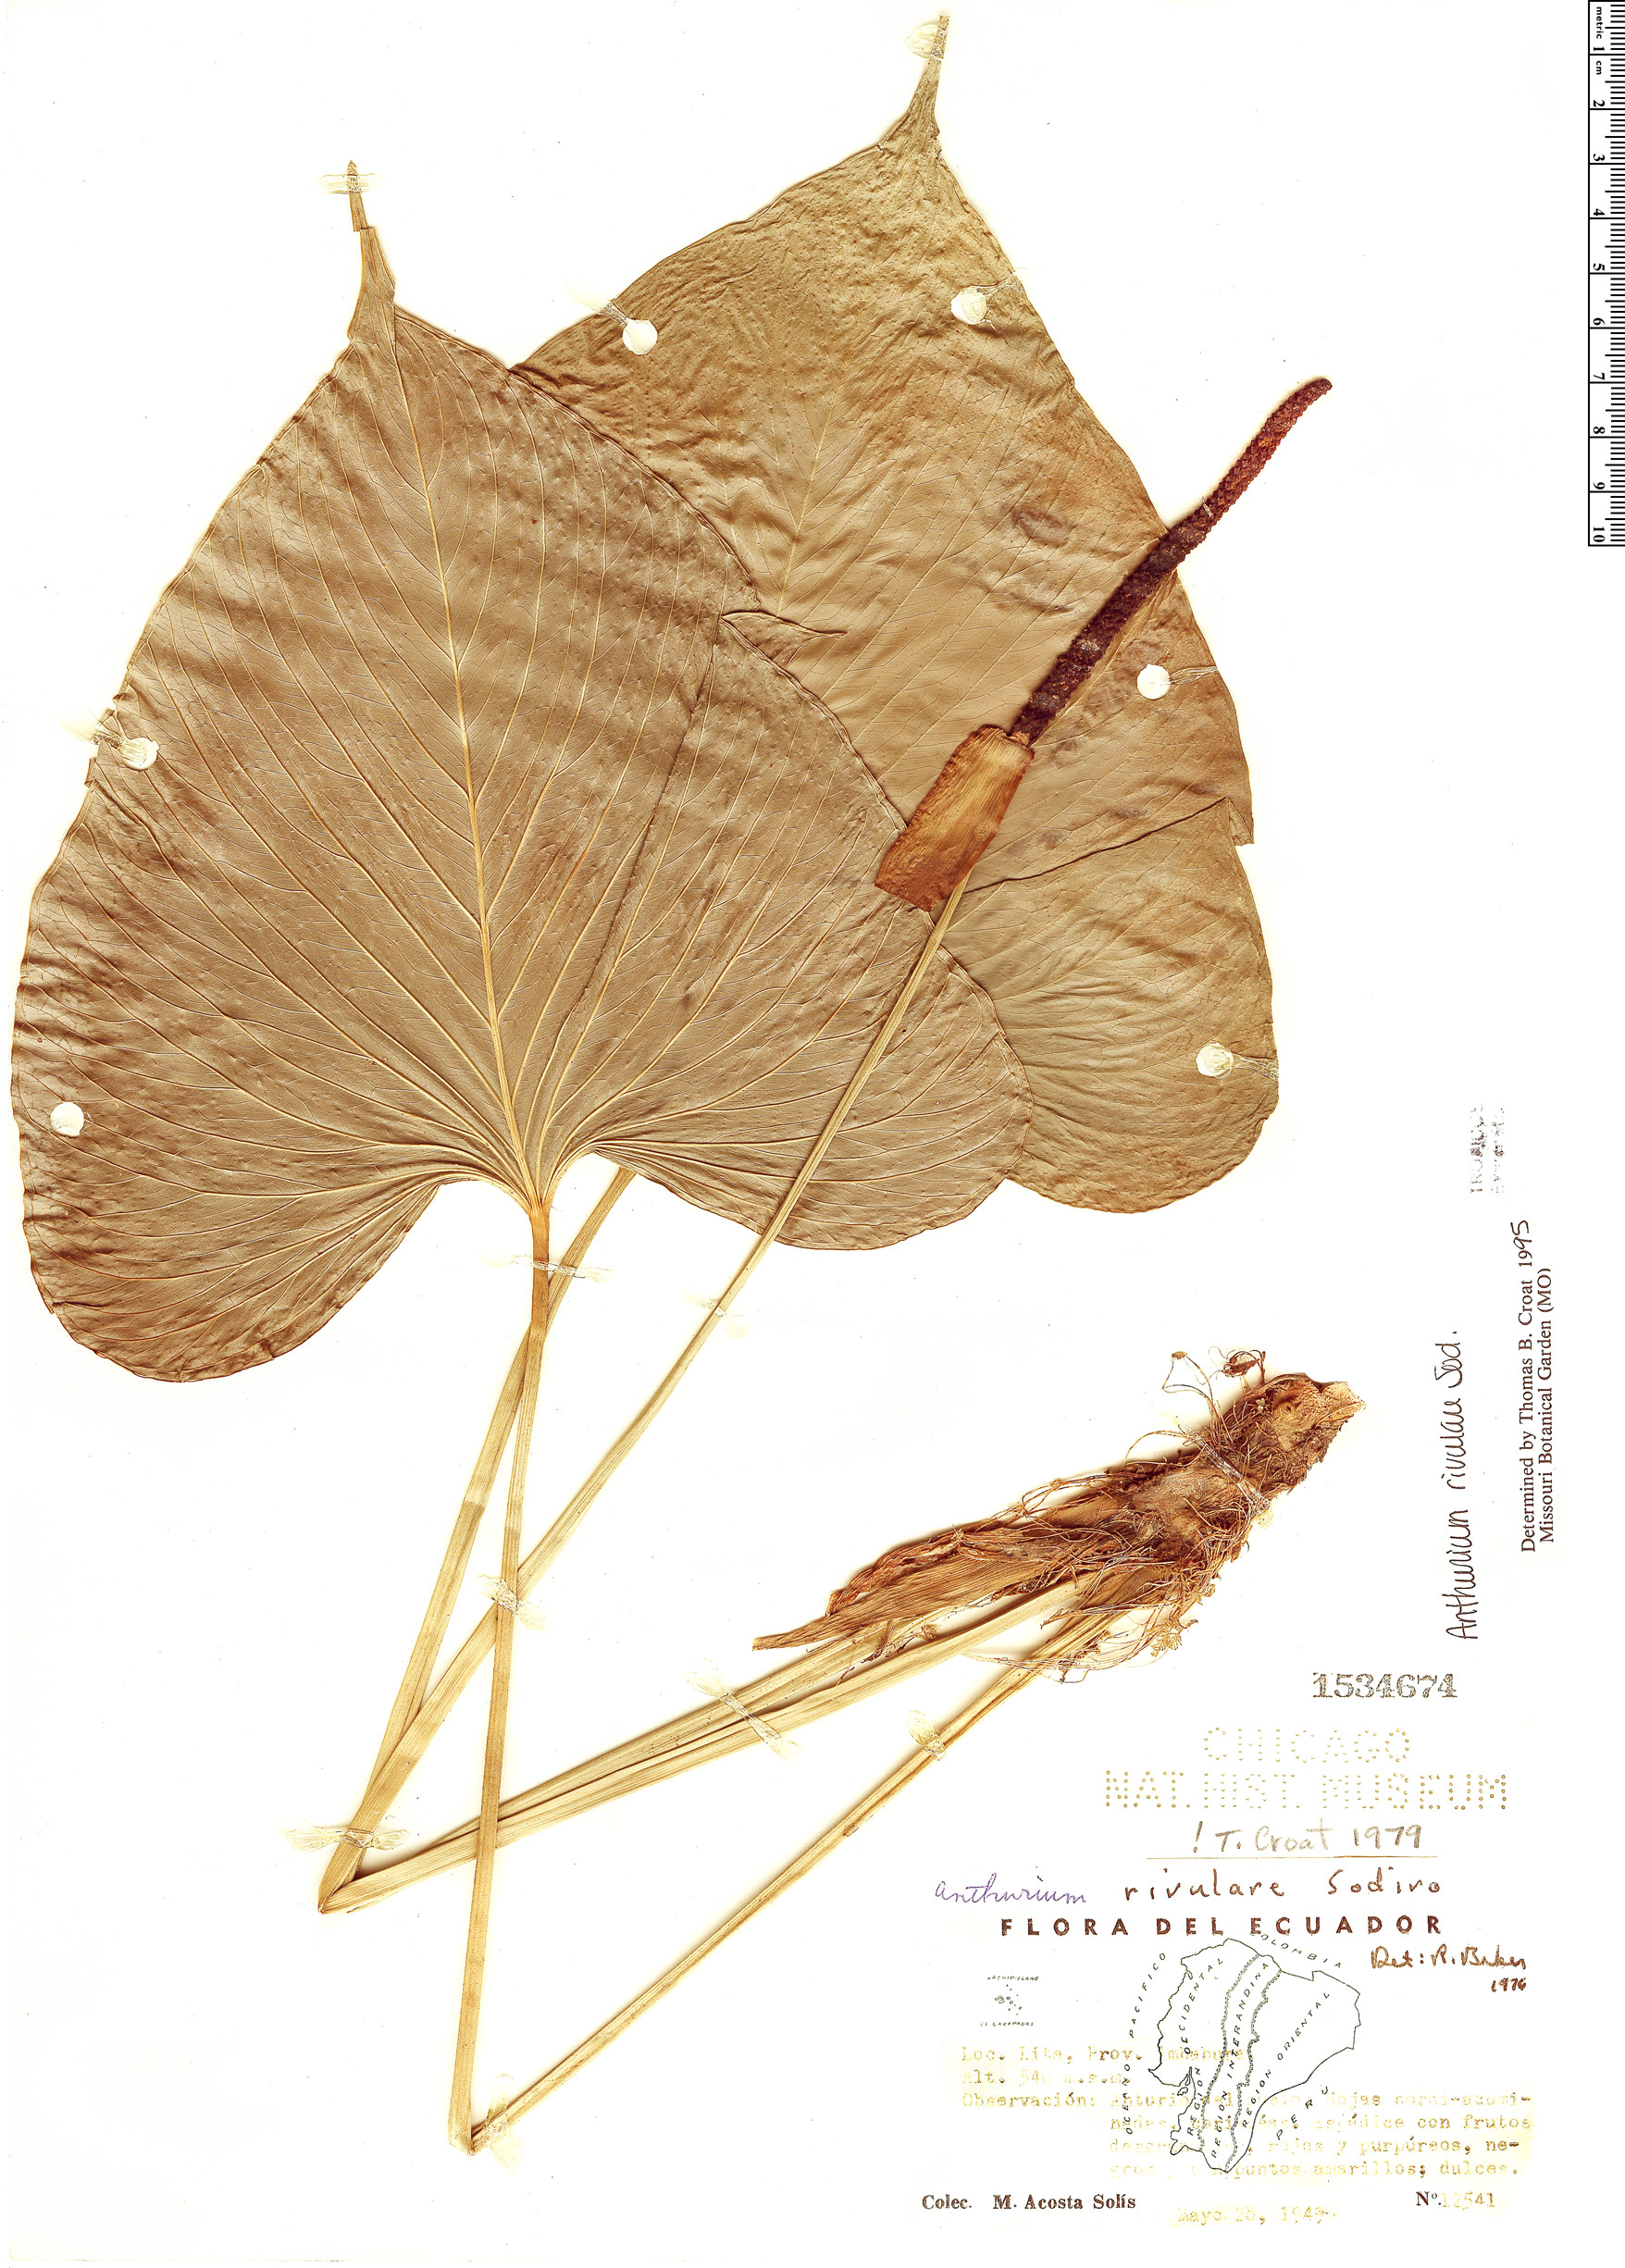 Specimen: Anthurium rivulare